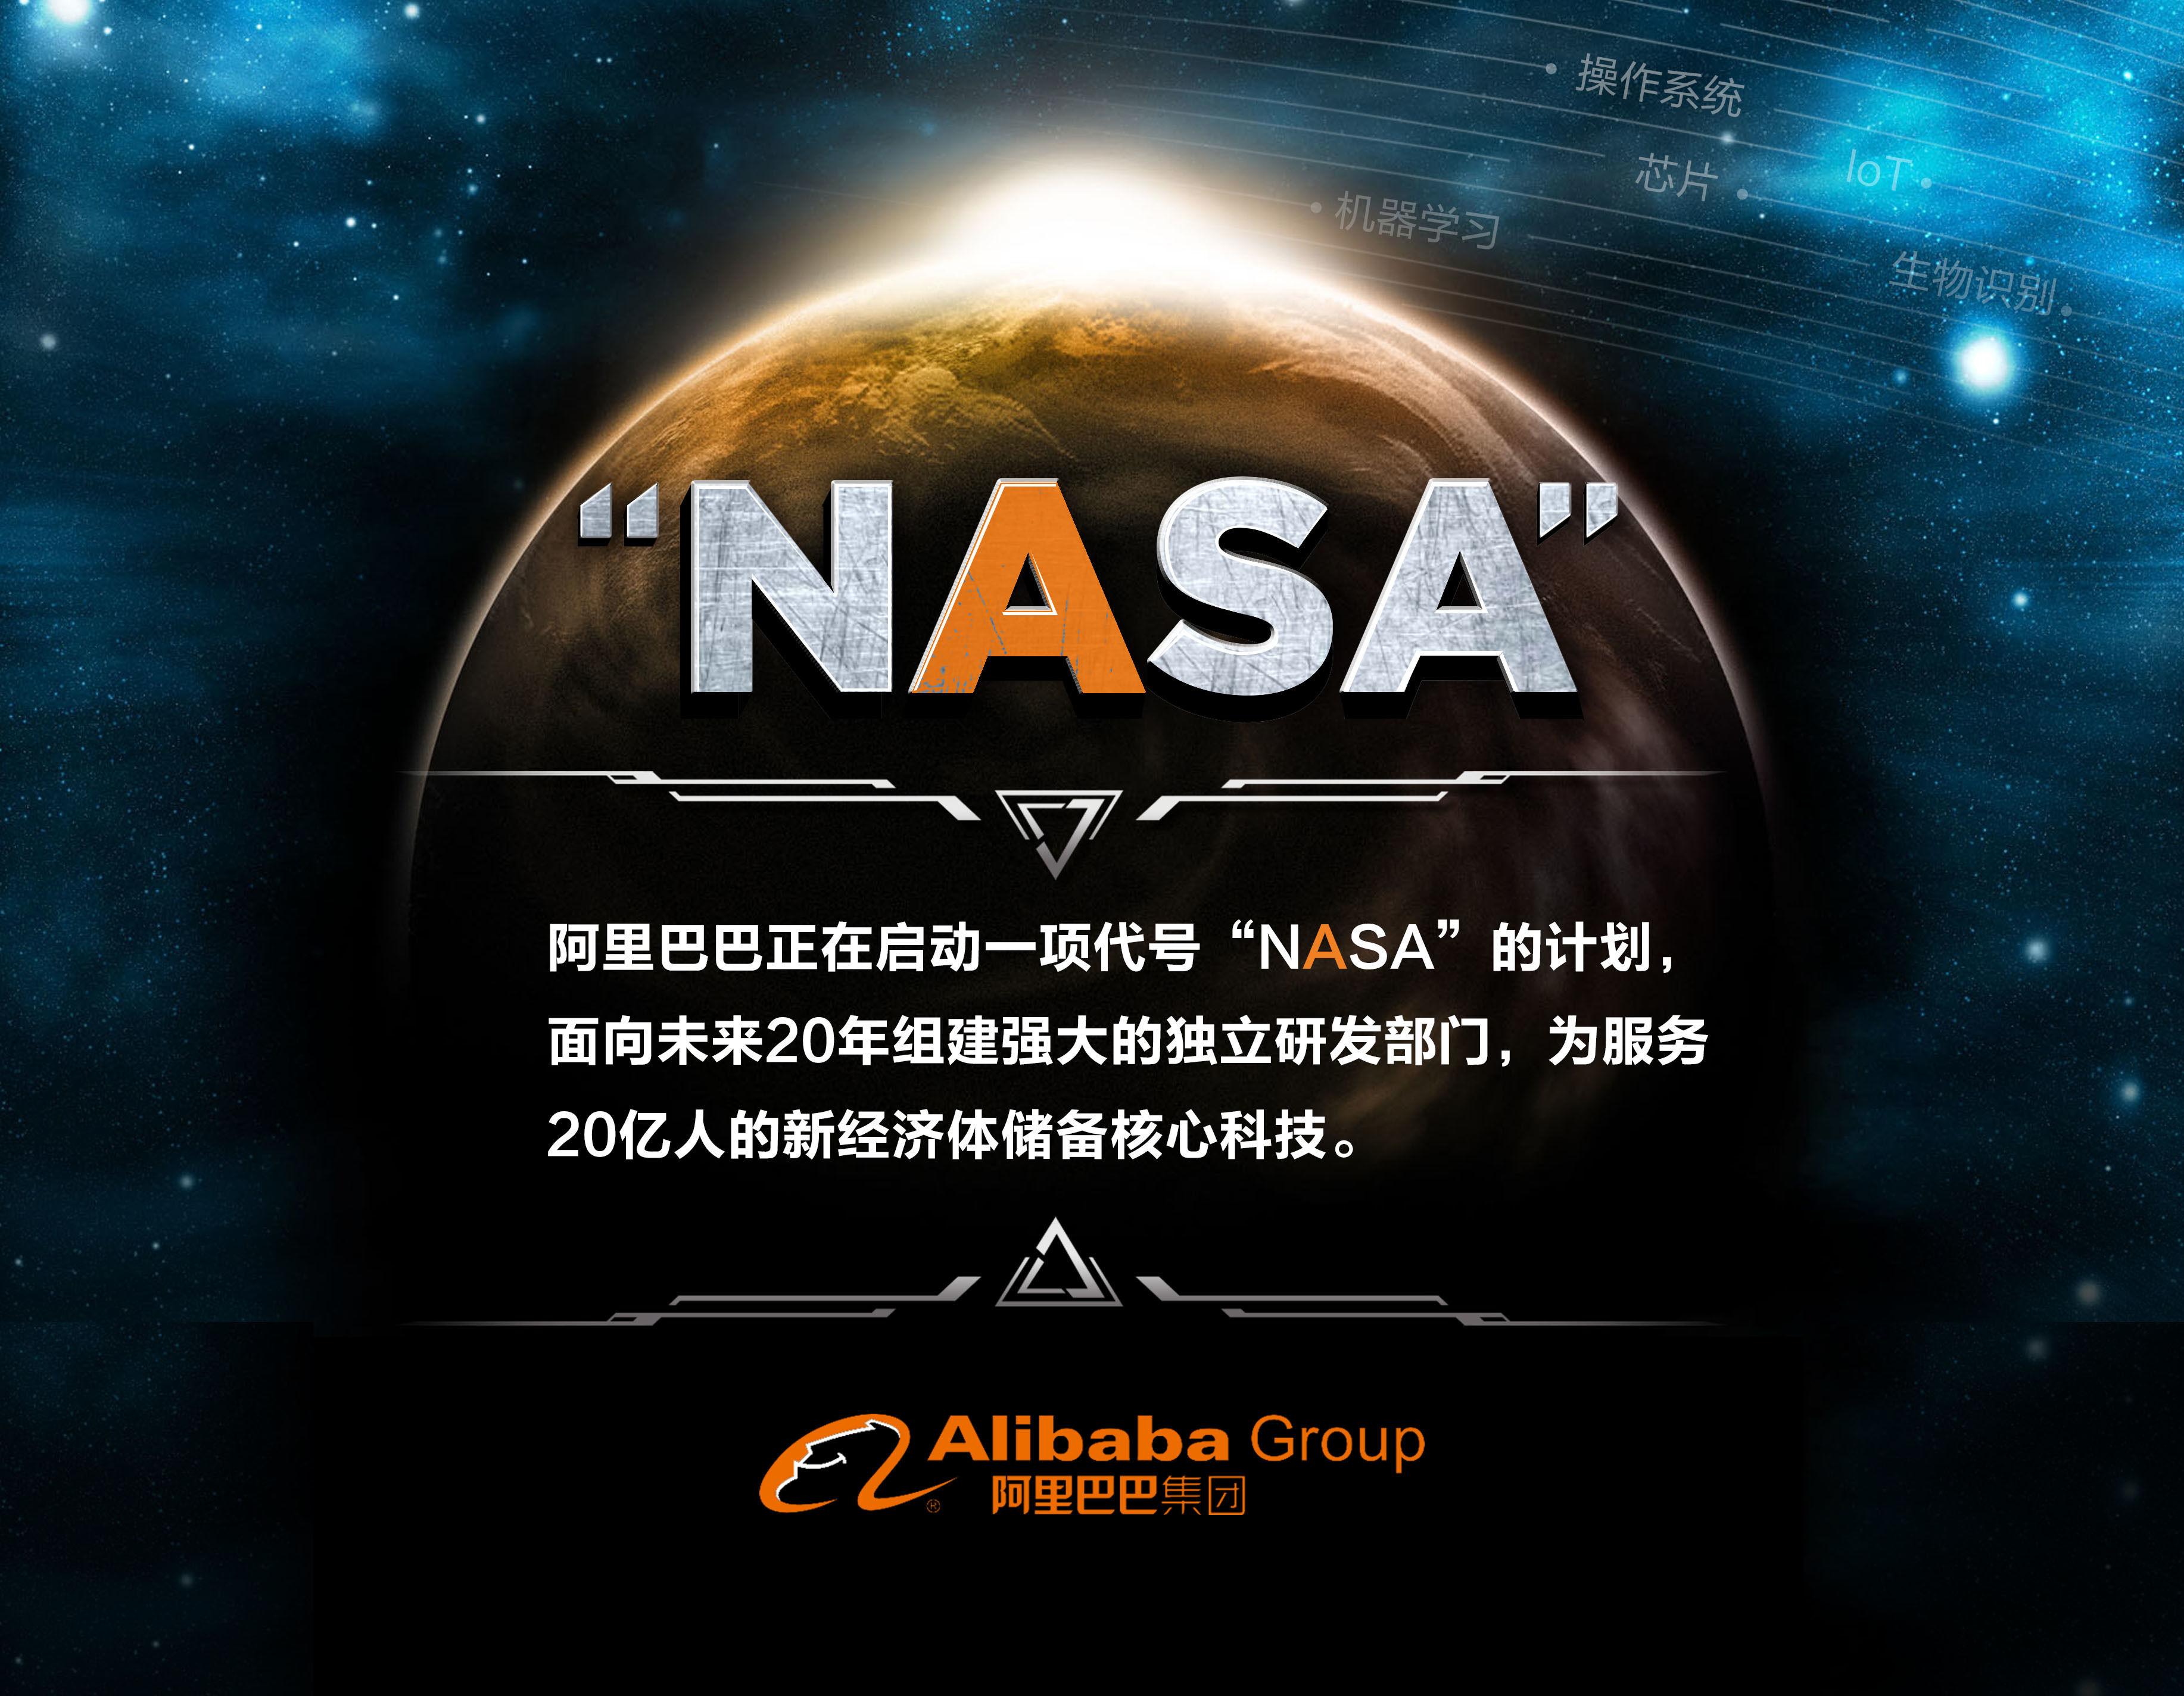 """""""外星人""""马云启动""""NASA""""计划  阿里未来20年核心科技研发愿景曝光.jpeg"""